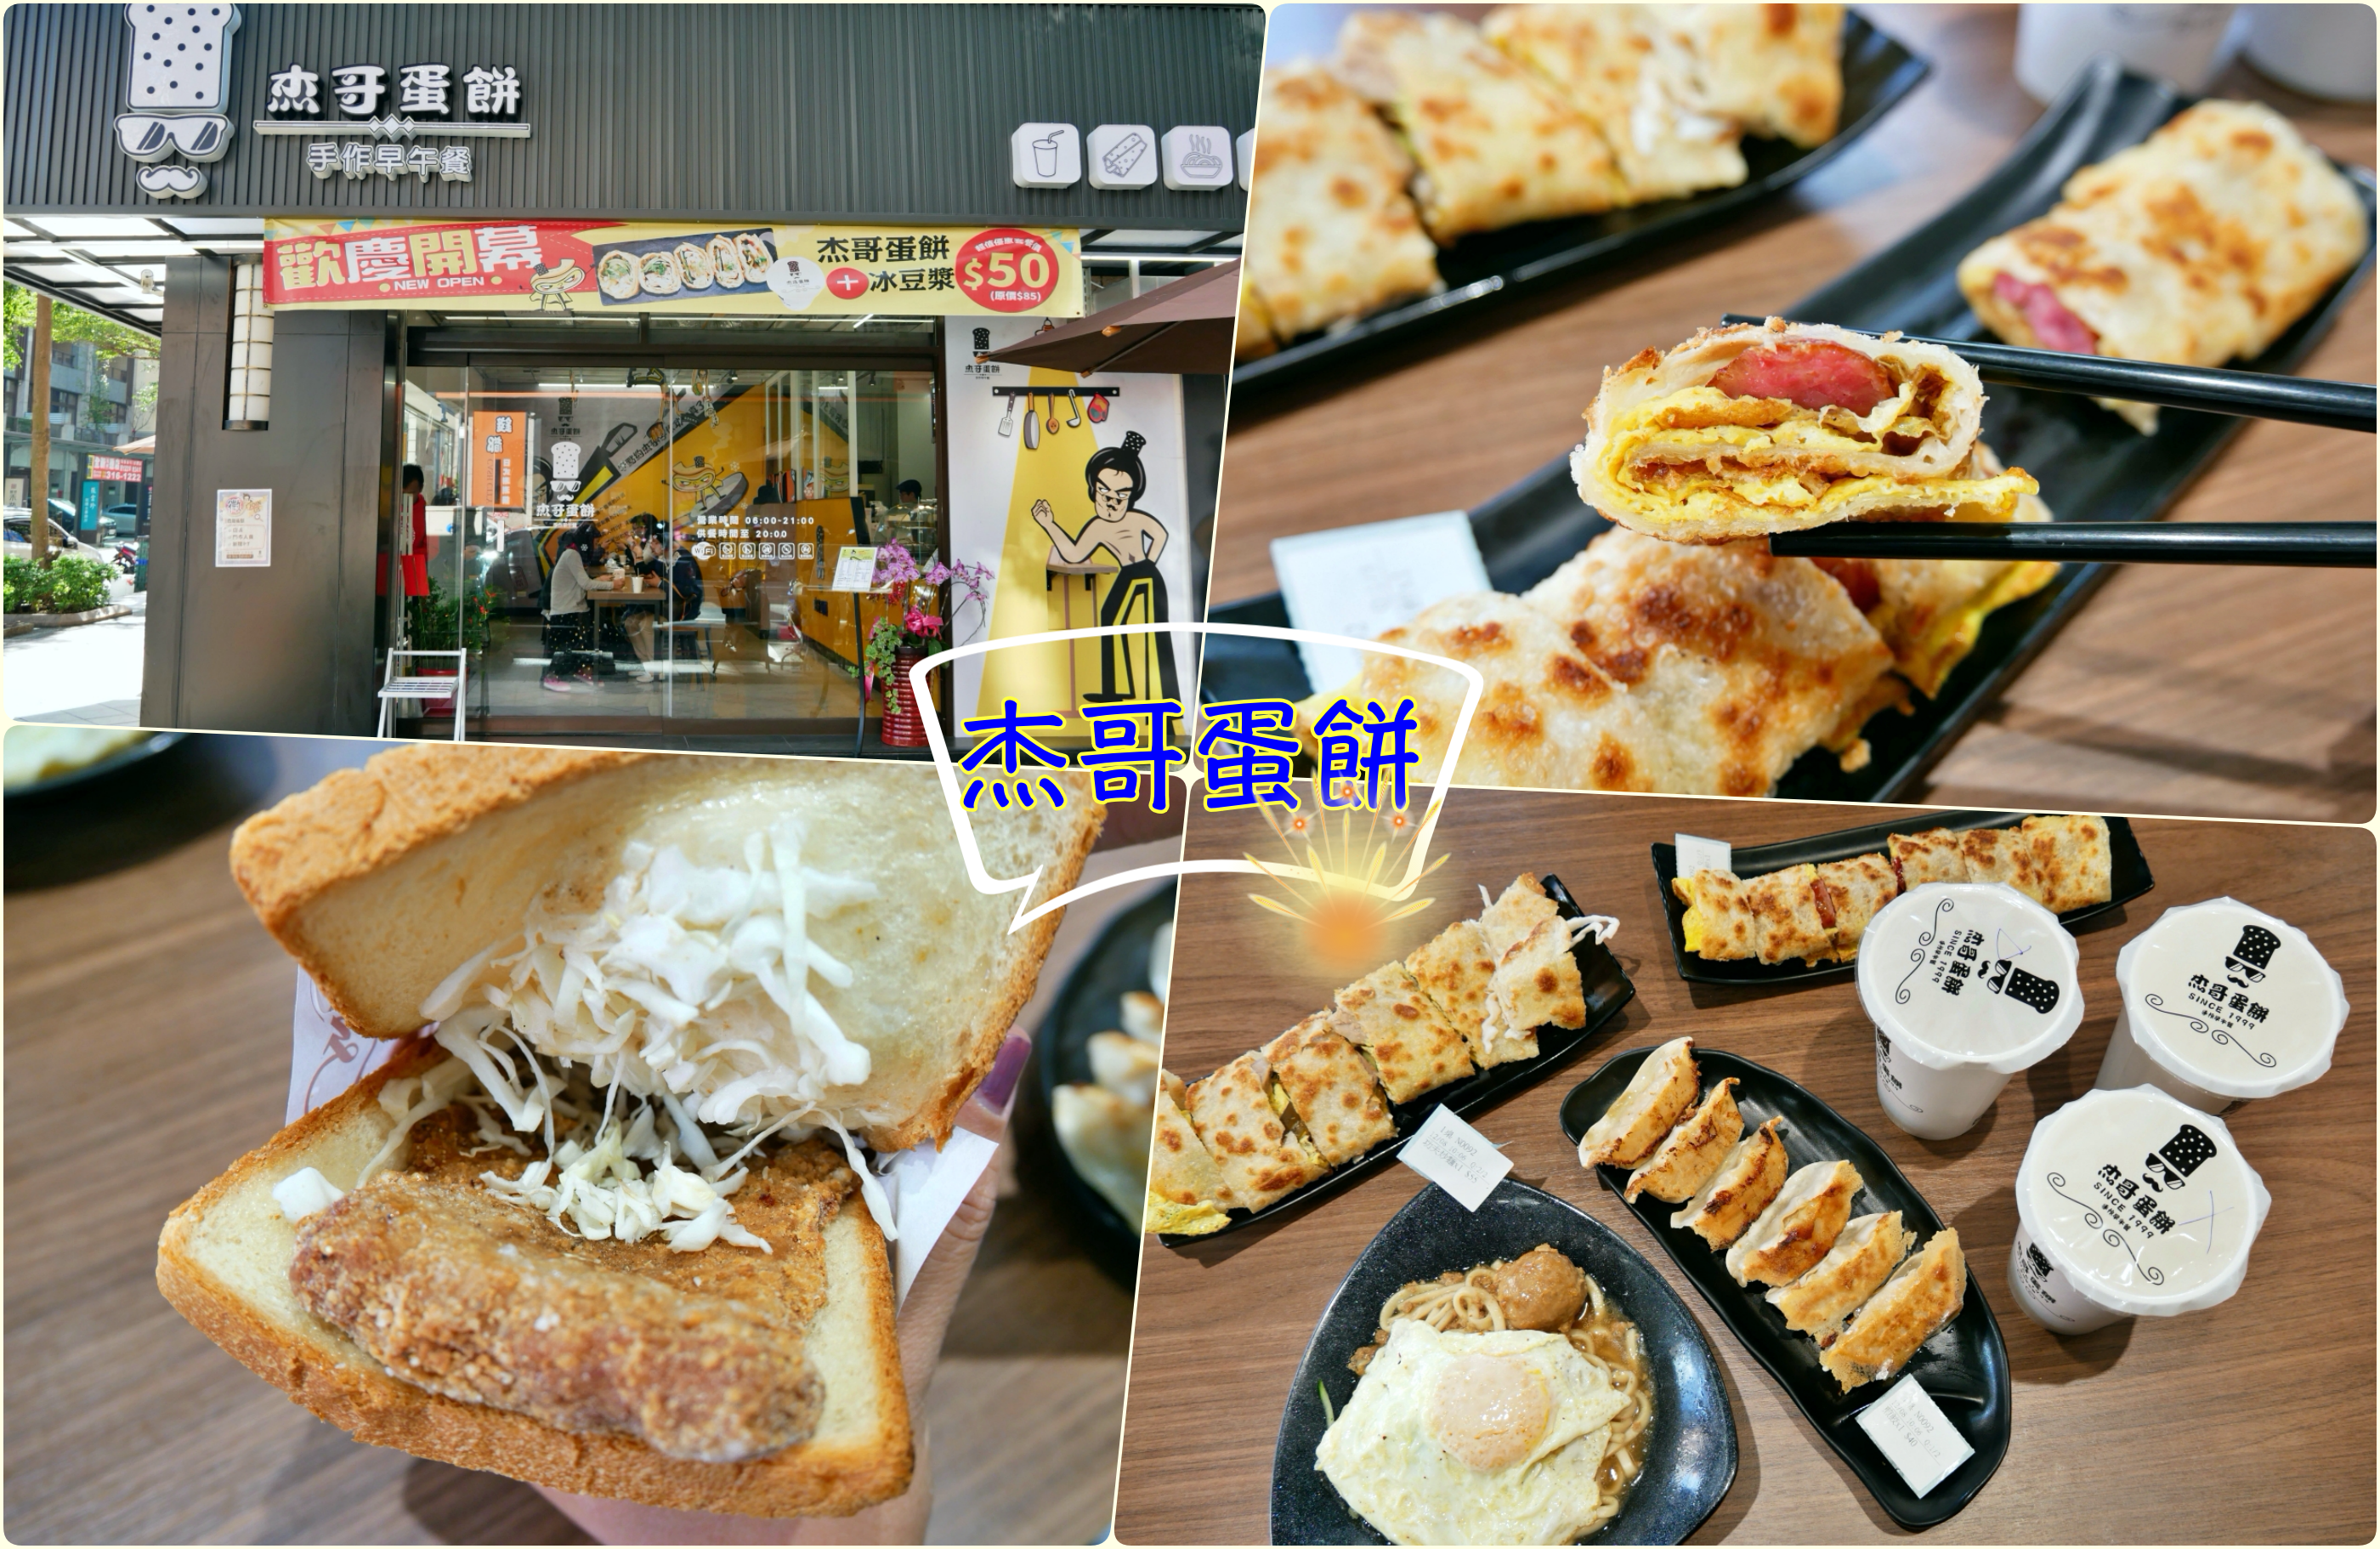 最新推播訊息:[桃園美食]杰哥蛋餅.寶山店|中西式早午餐~酥脆蛋捲餅口味眾多.豆漿濃郁